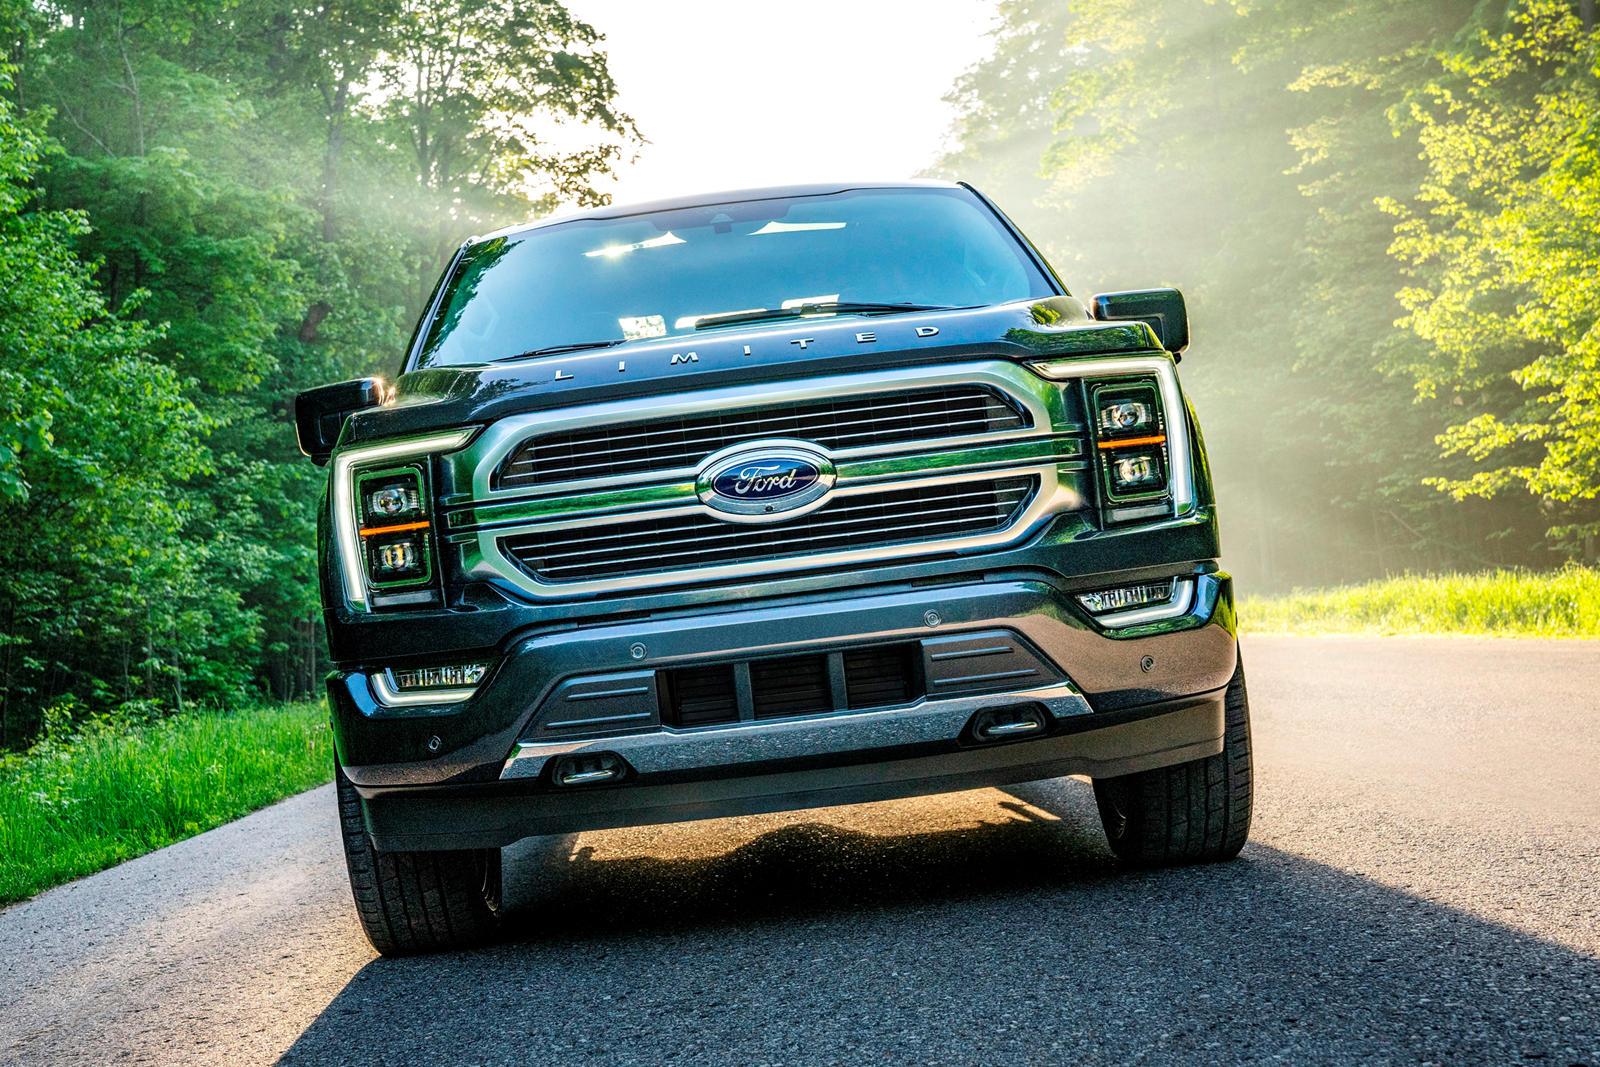 Еще в 2016 году Ford впервые объявил о своем плане вывести на рынок массовый полностью автономный автомобиль к 2021 году. Еще неизвестно, будет ли запуск таким грандиозным, каким хотел Ford, но компания остается как и прежде привержена идее технологи